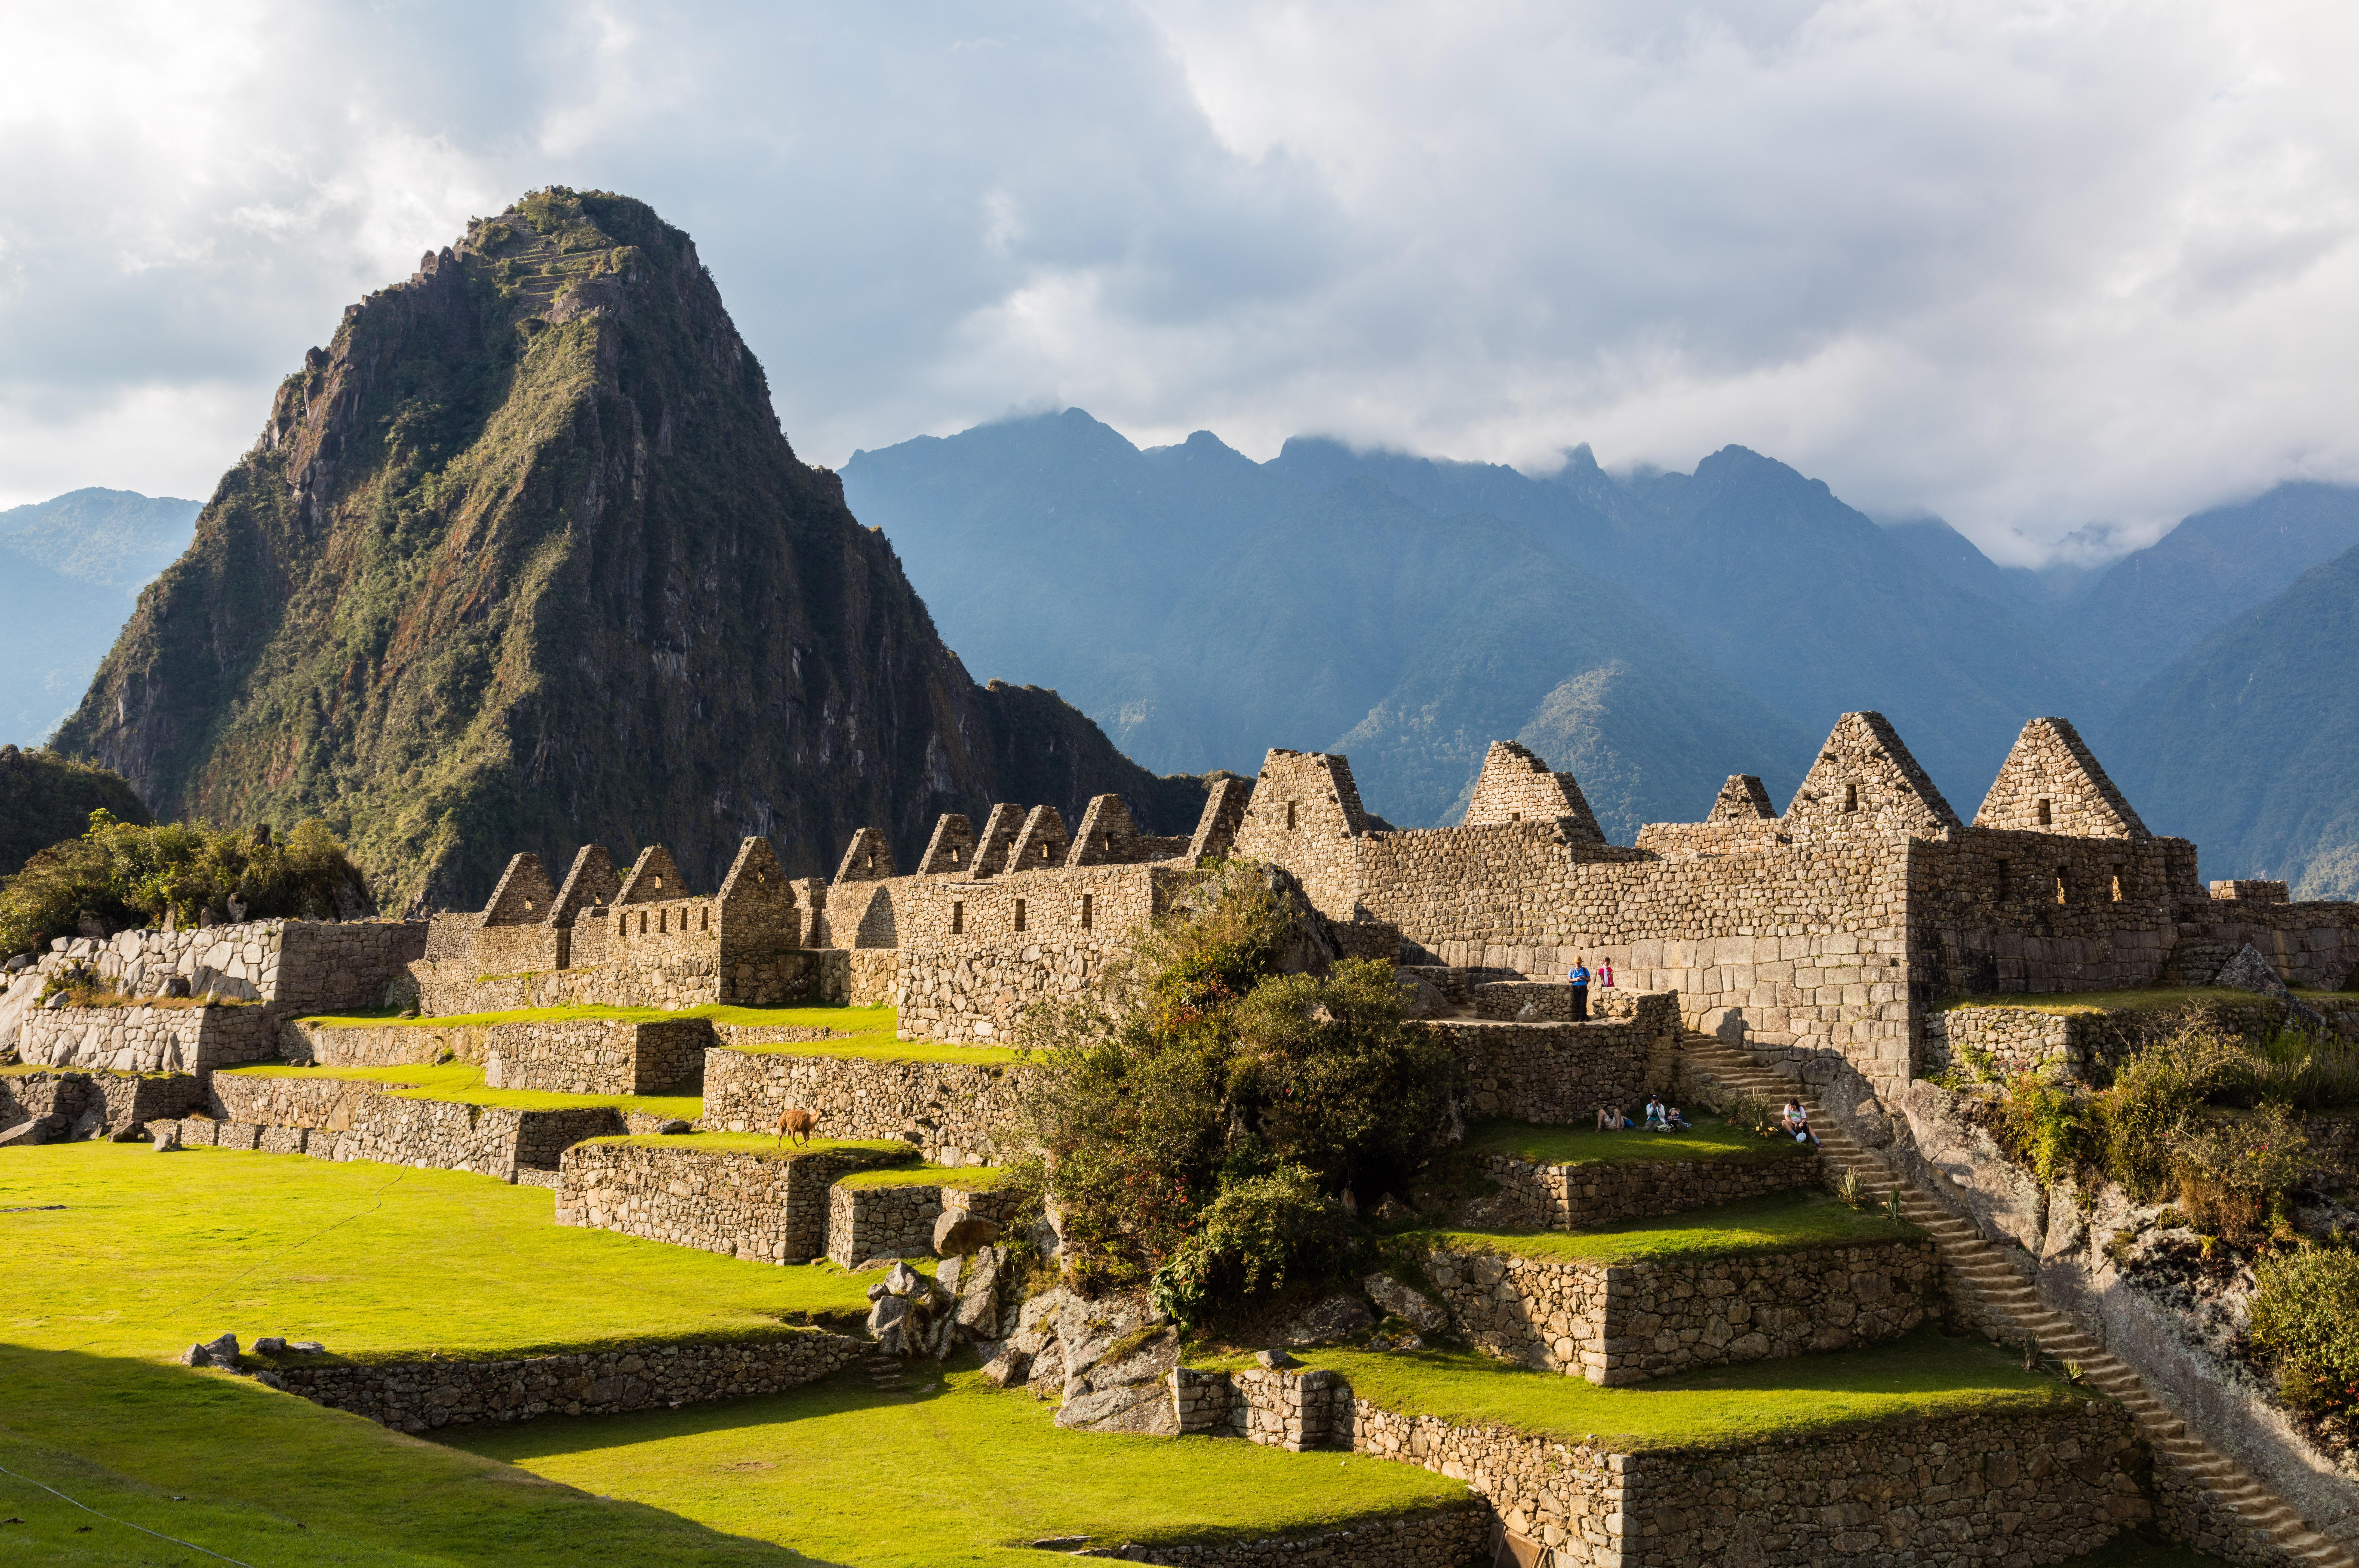 Machu_Picchu,